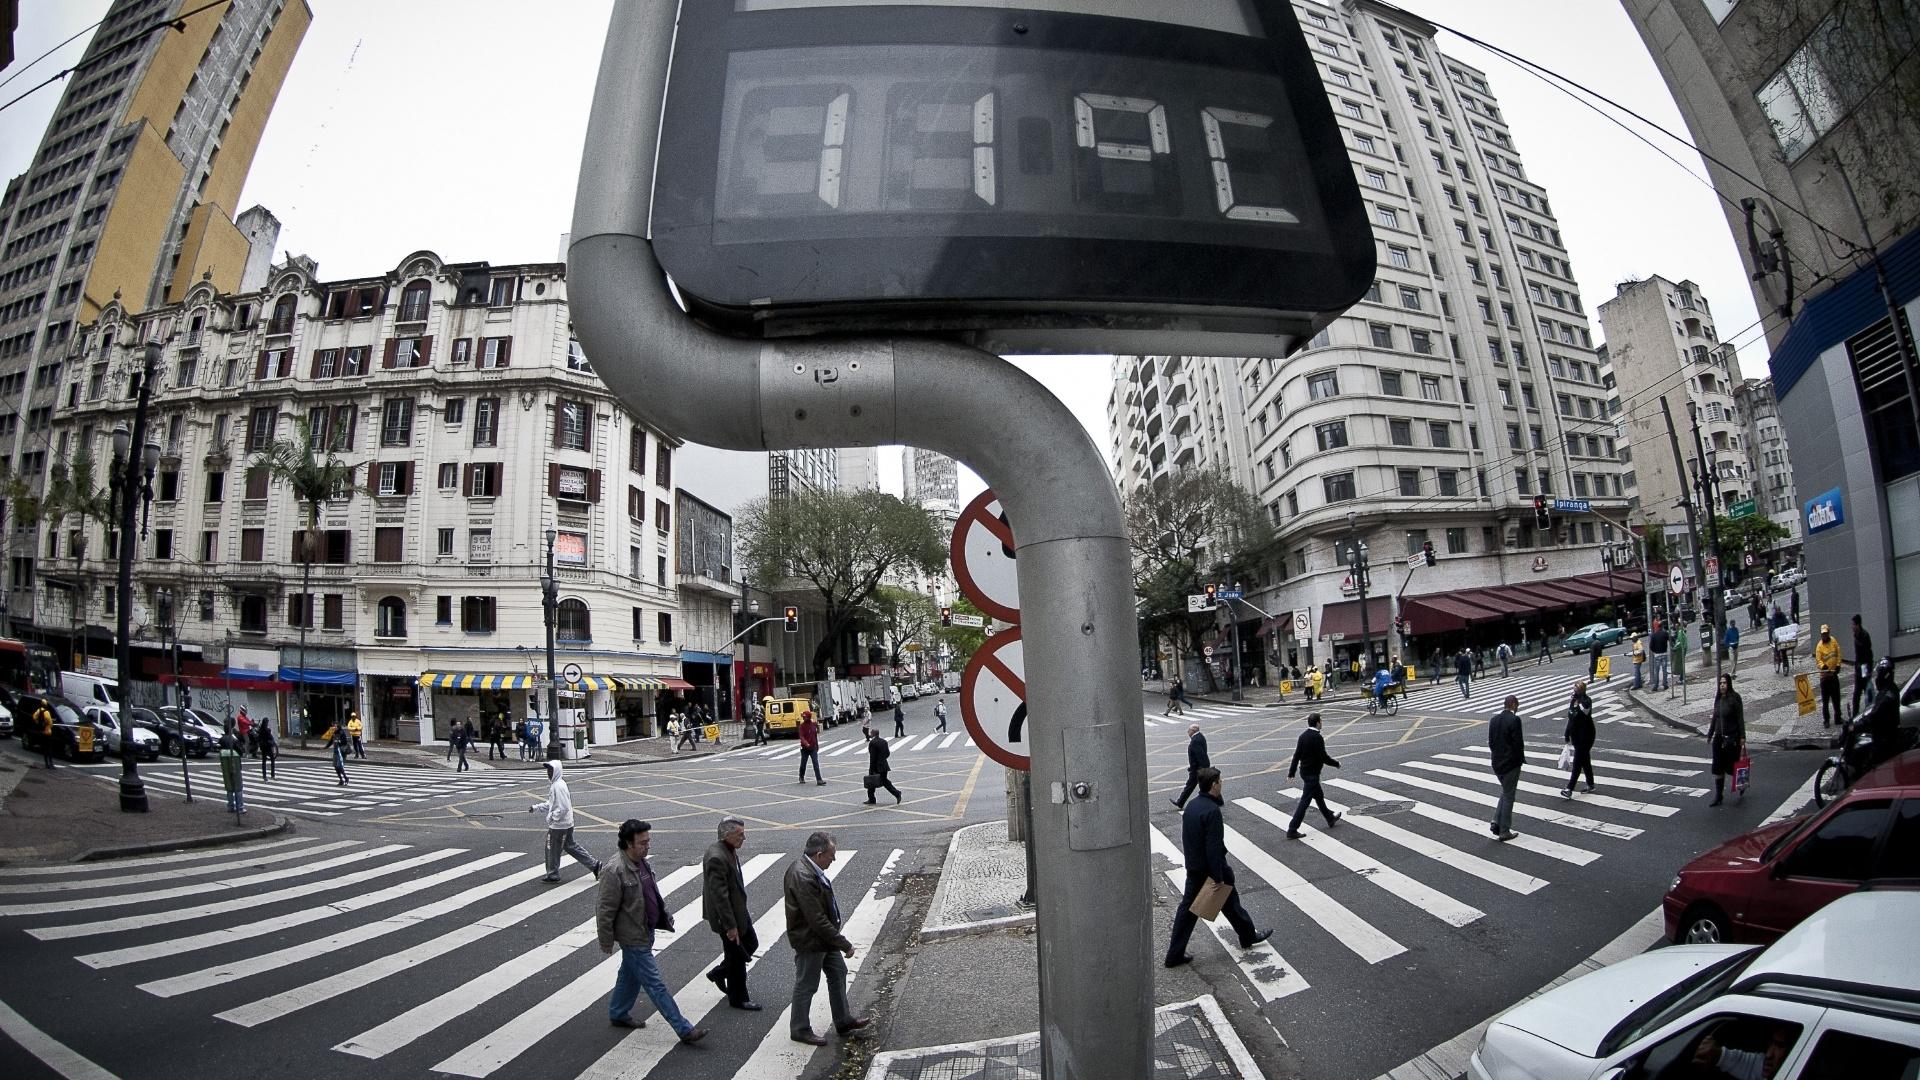 26.set.2012 - Termômetro marca 11°C em São Paulo. Com os ventos, a sensação térmica chegou a -0,5°C em pleno meio-dia